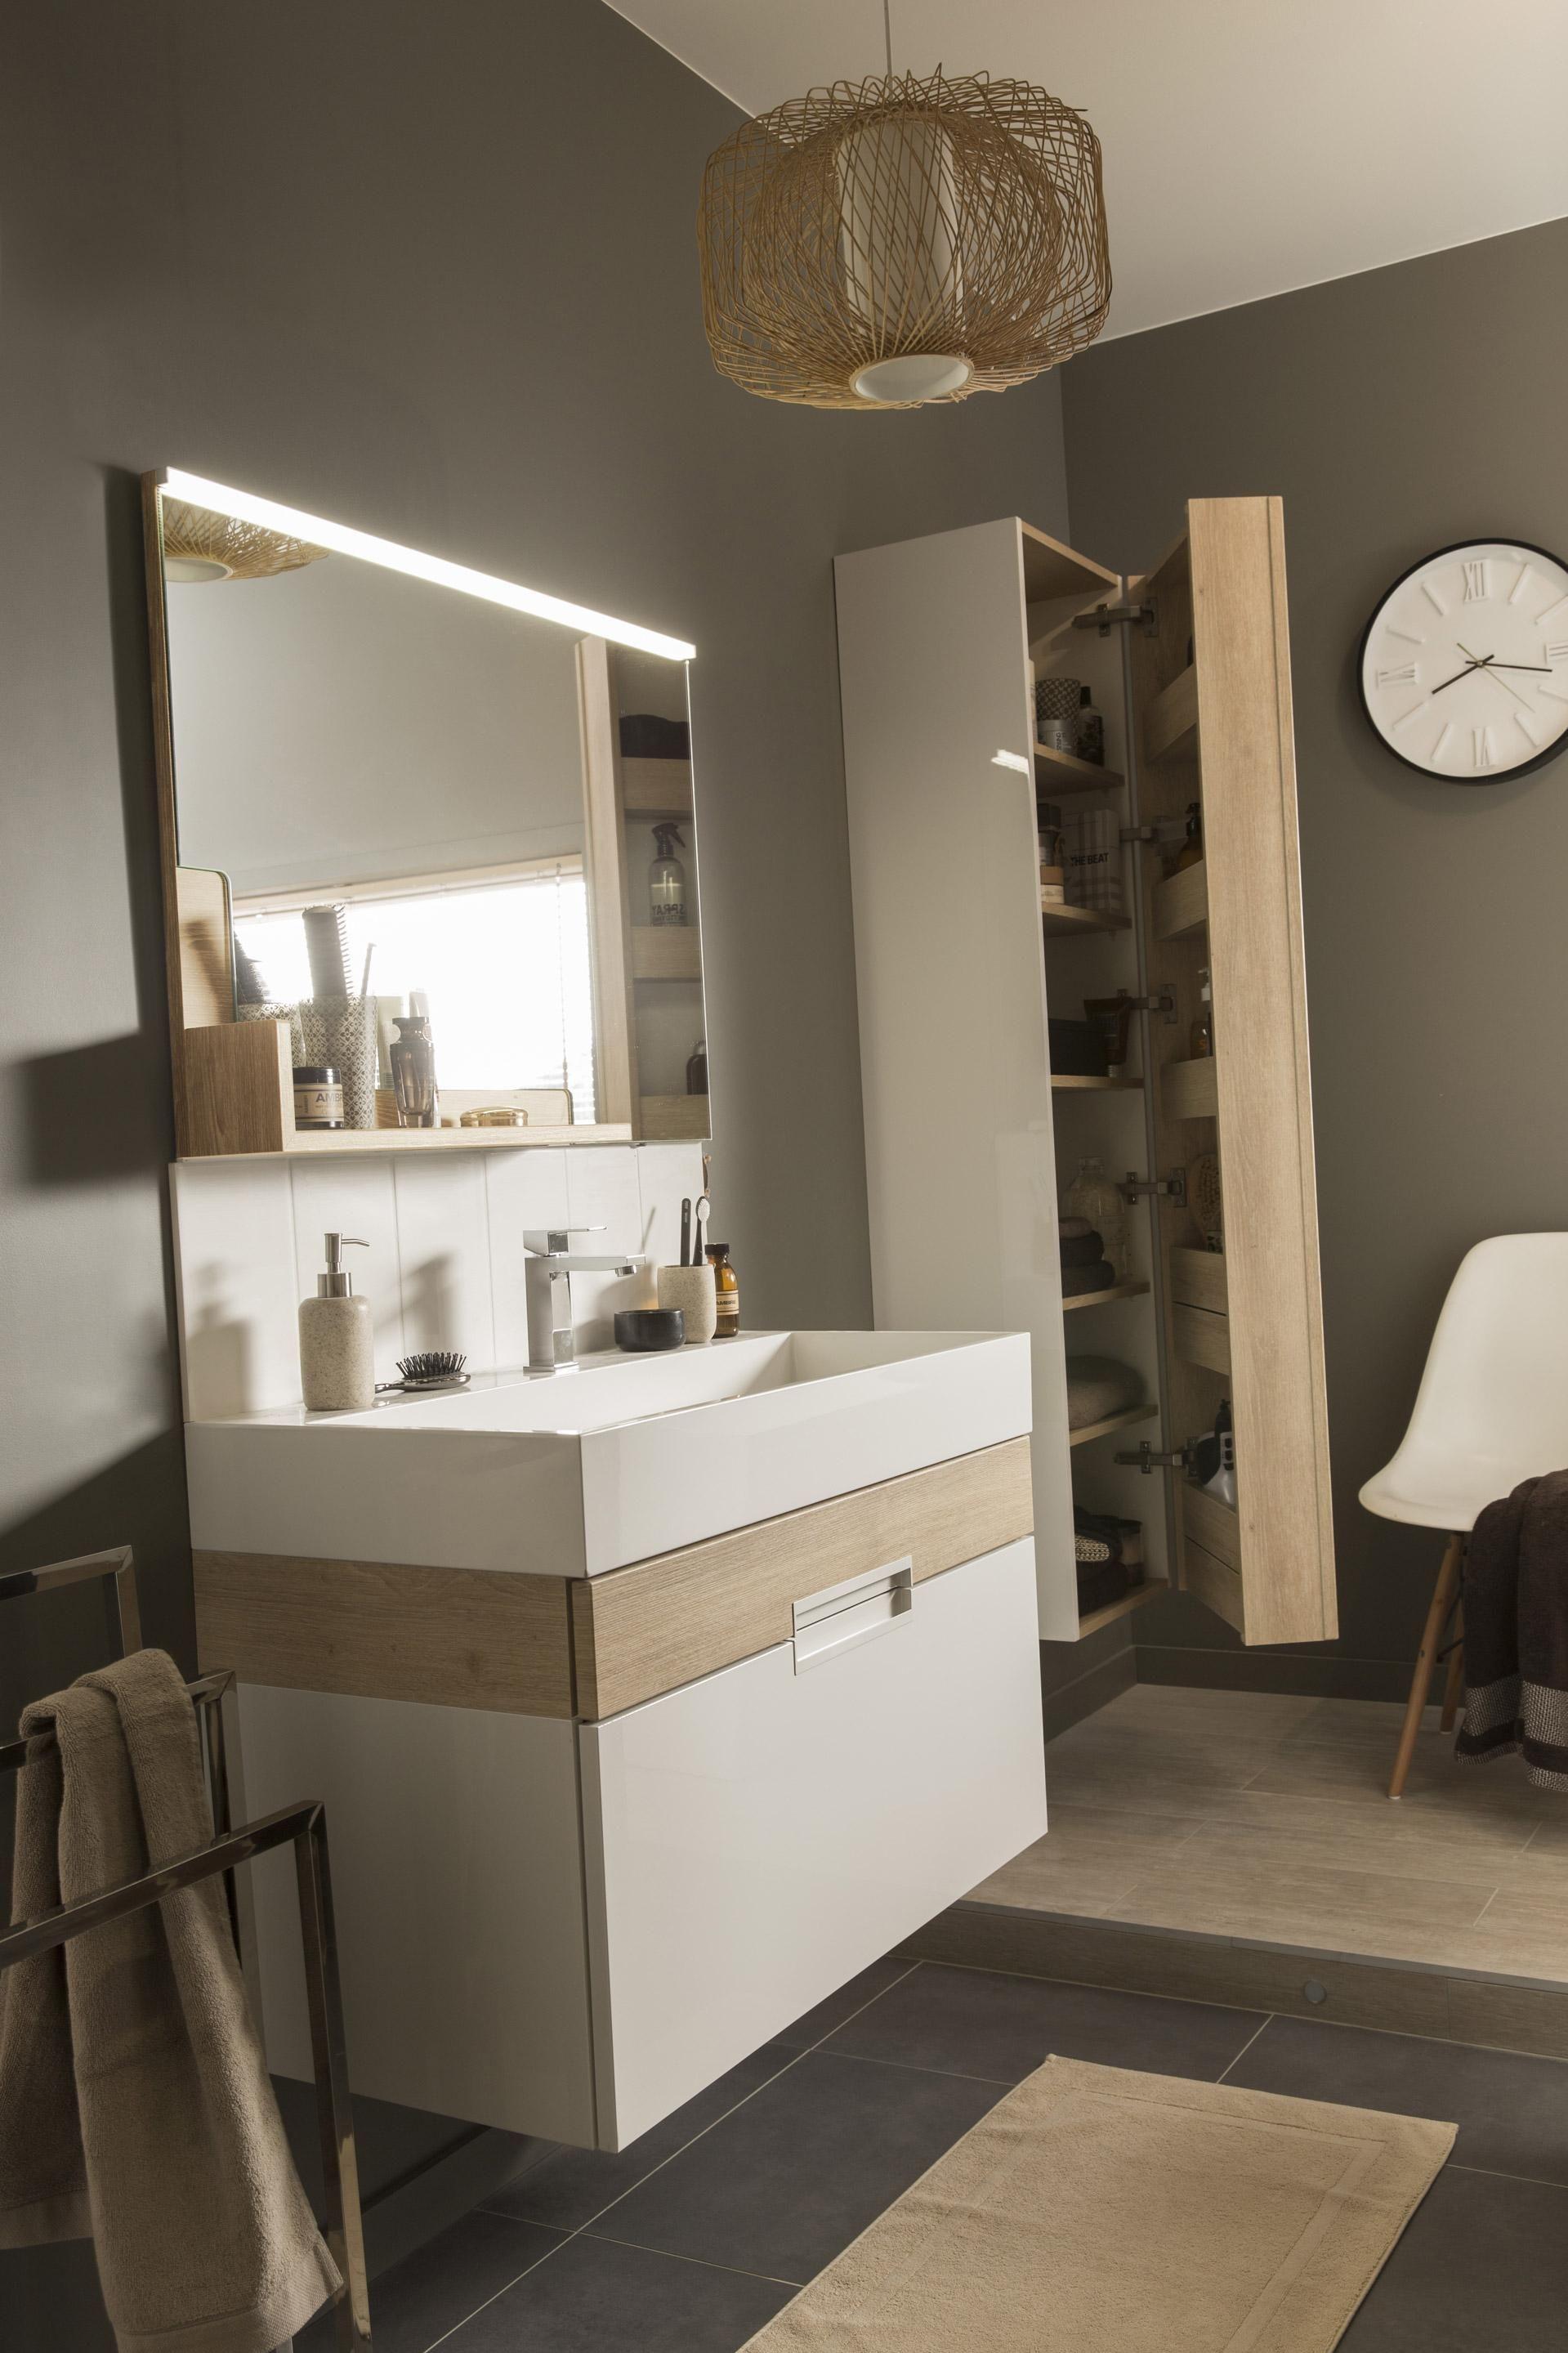 Meuble de salle de bains simple vasque, Eden  Meuble sous vasque